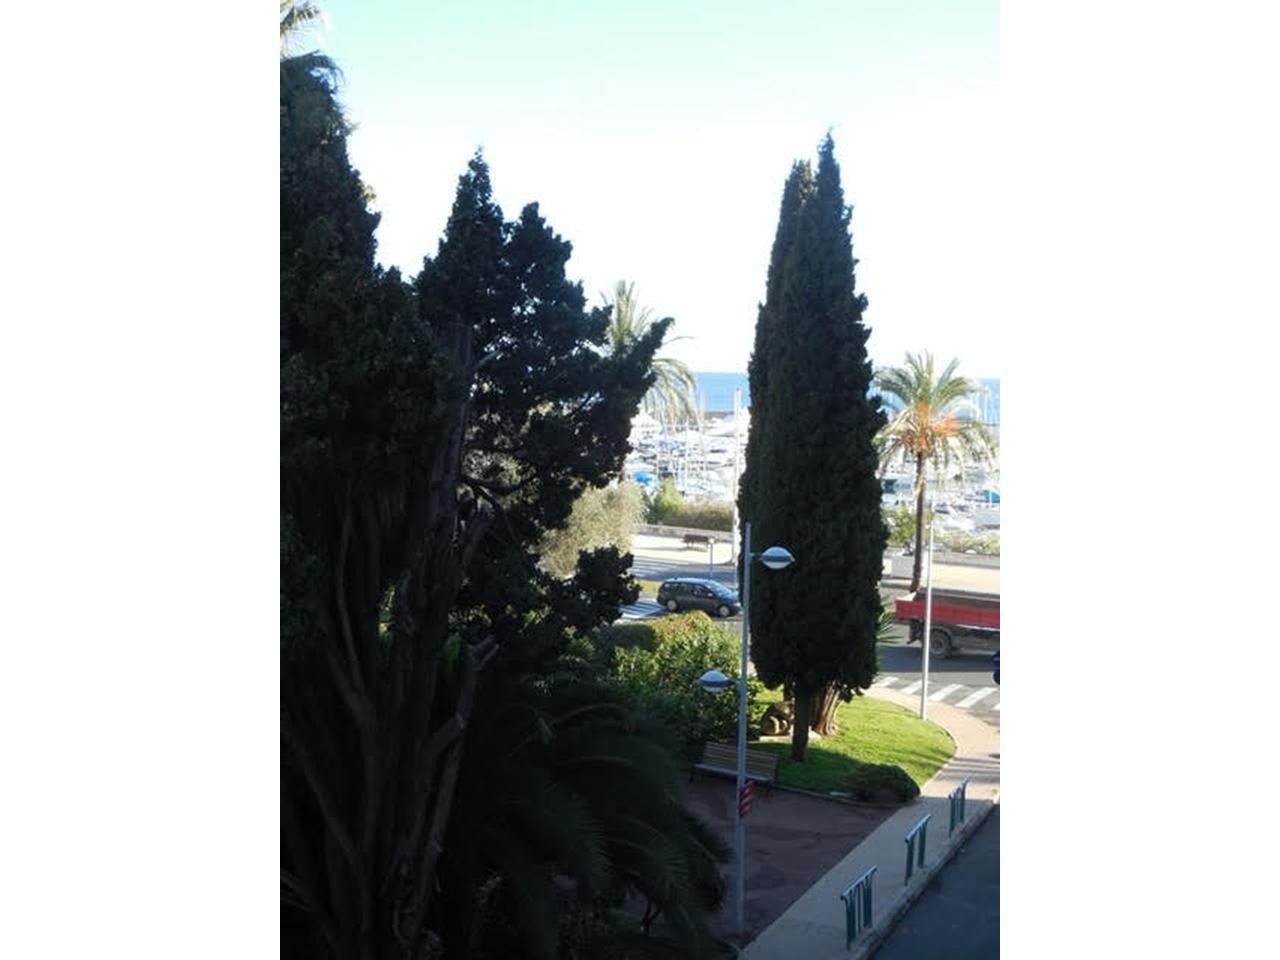 Bo nära havet i Menton - terrass och parkering